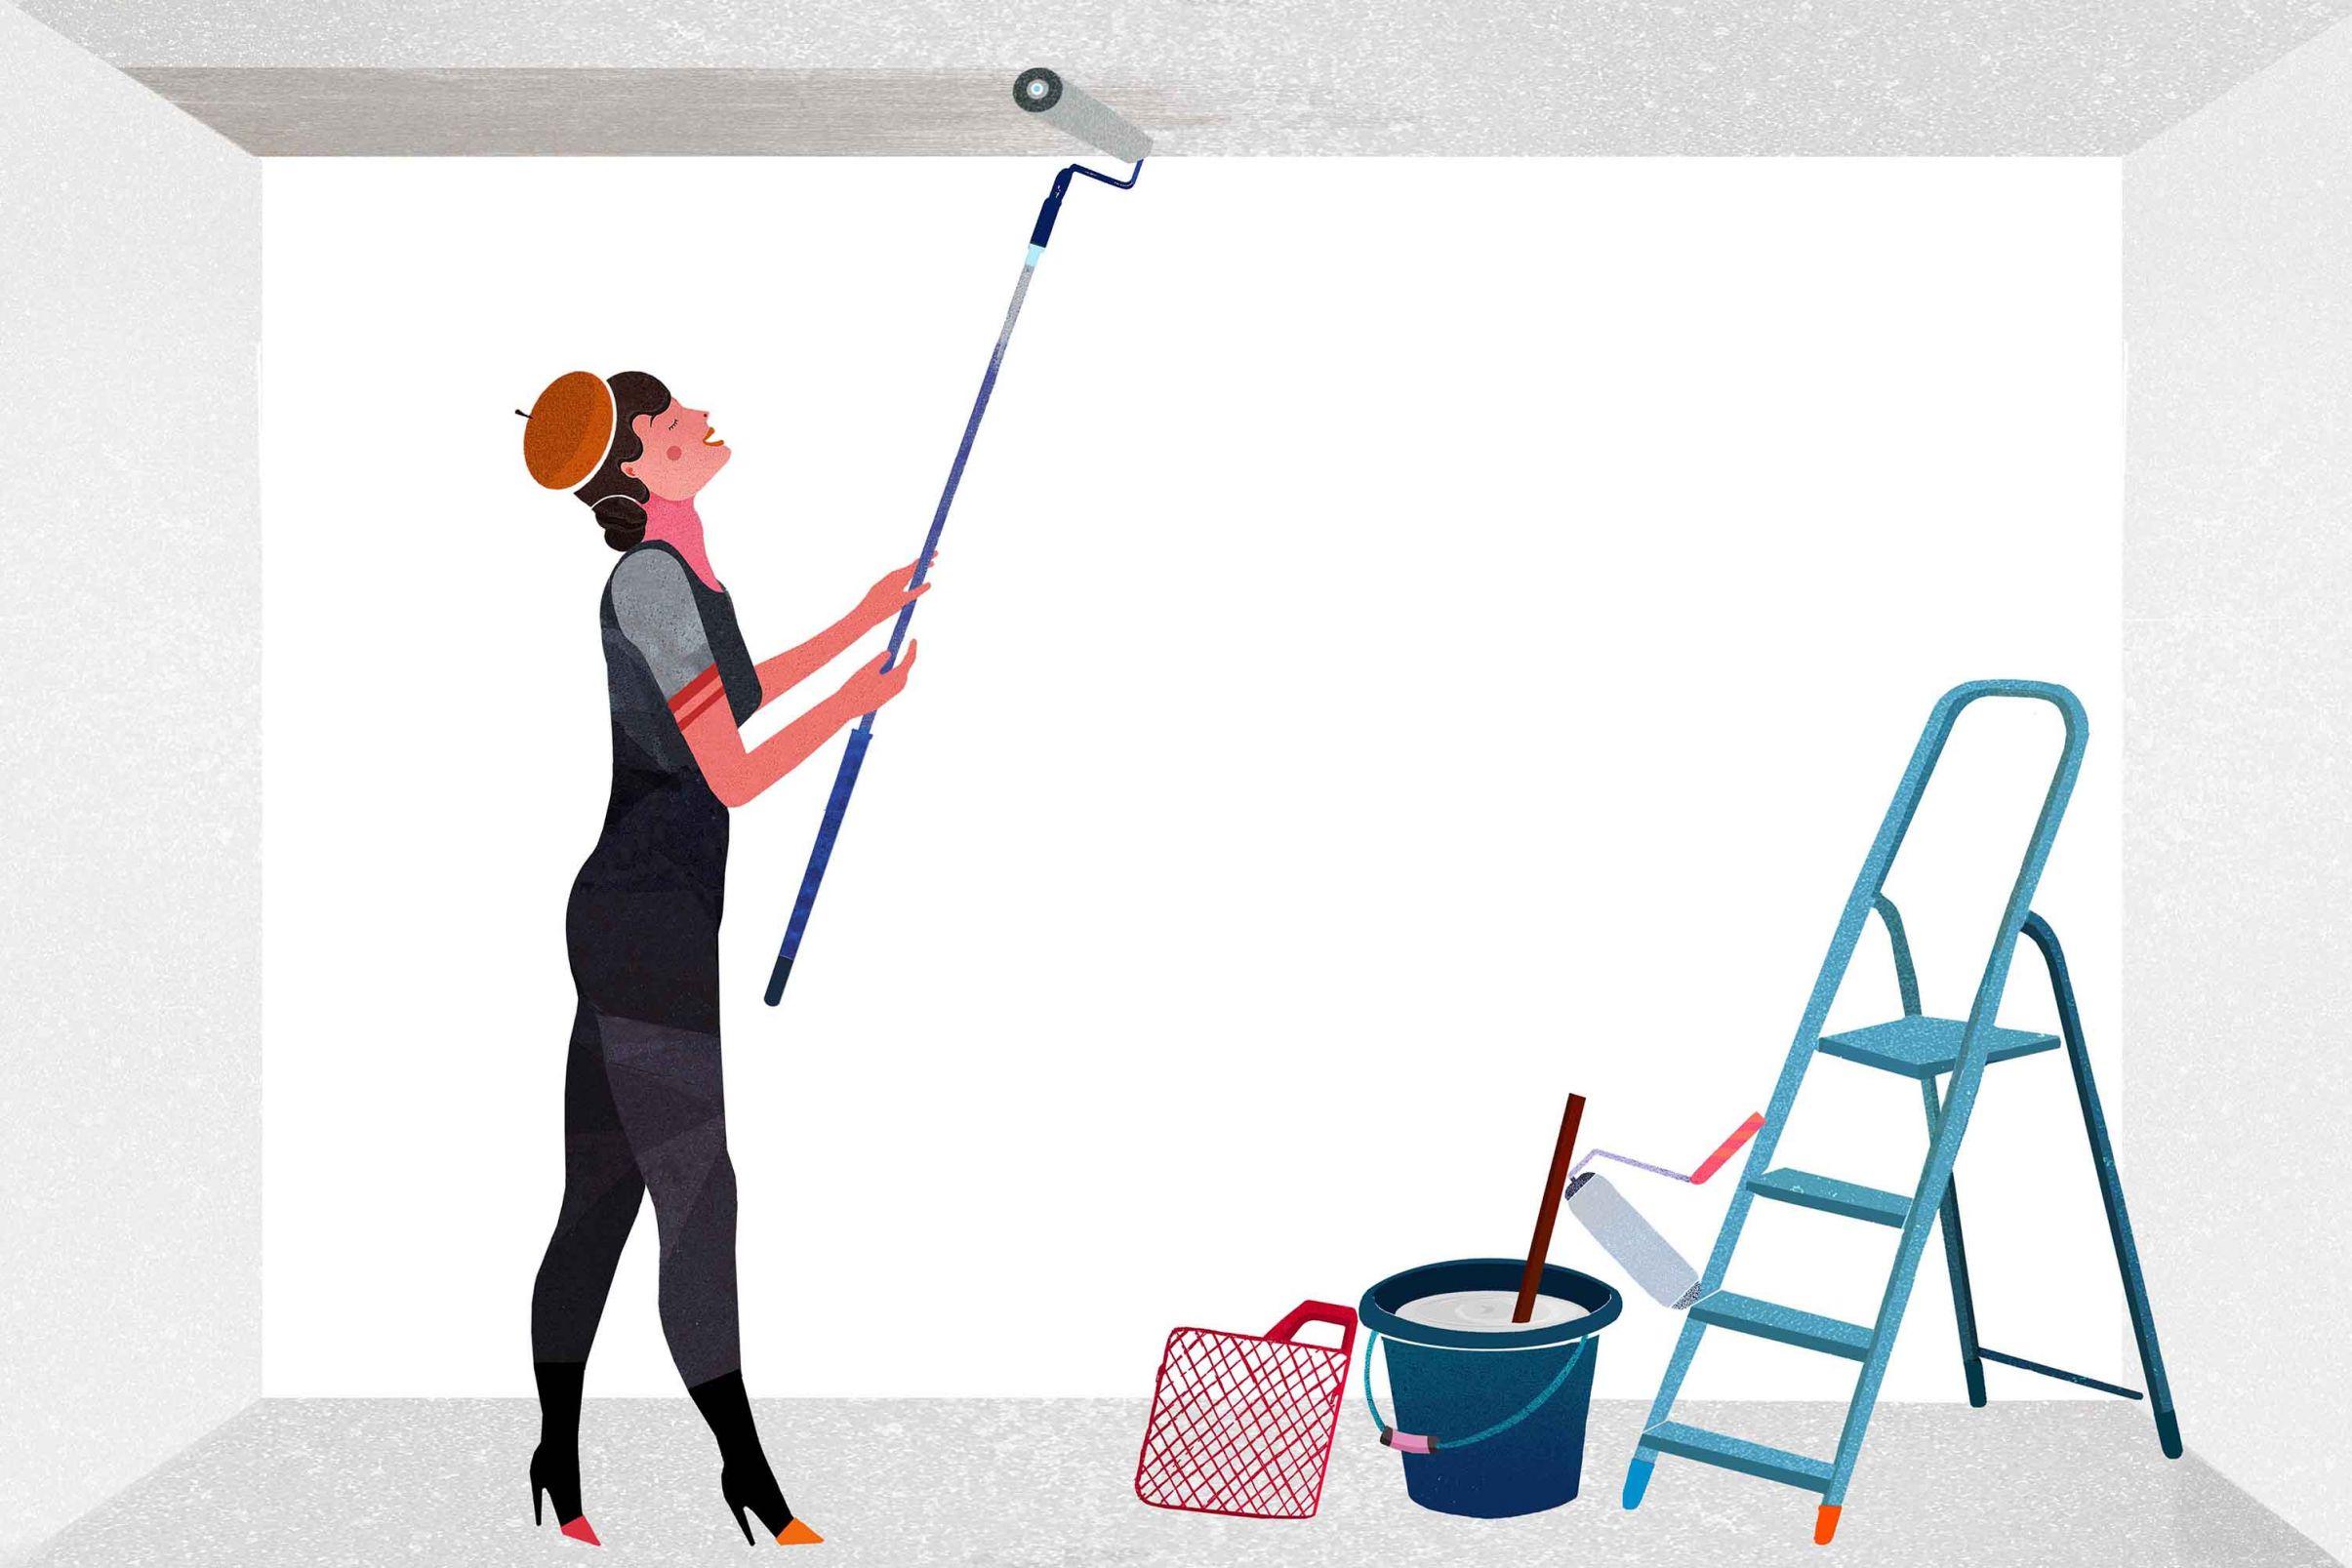 Como-empapelar-el-techo-Aplicar-pasta-adhesiva-al-techo